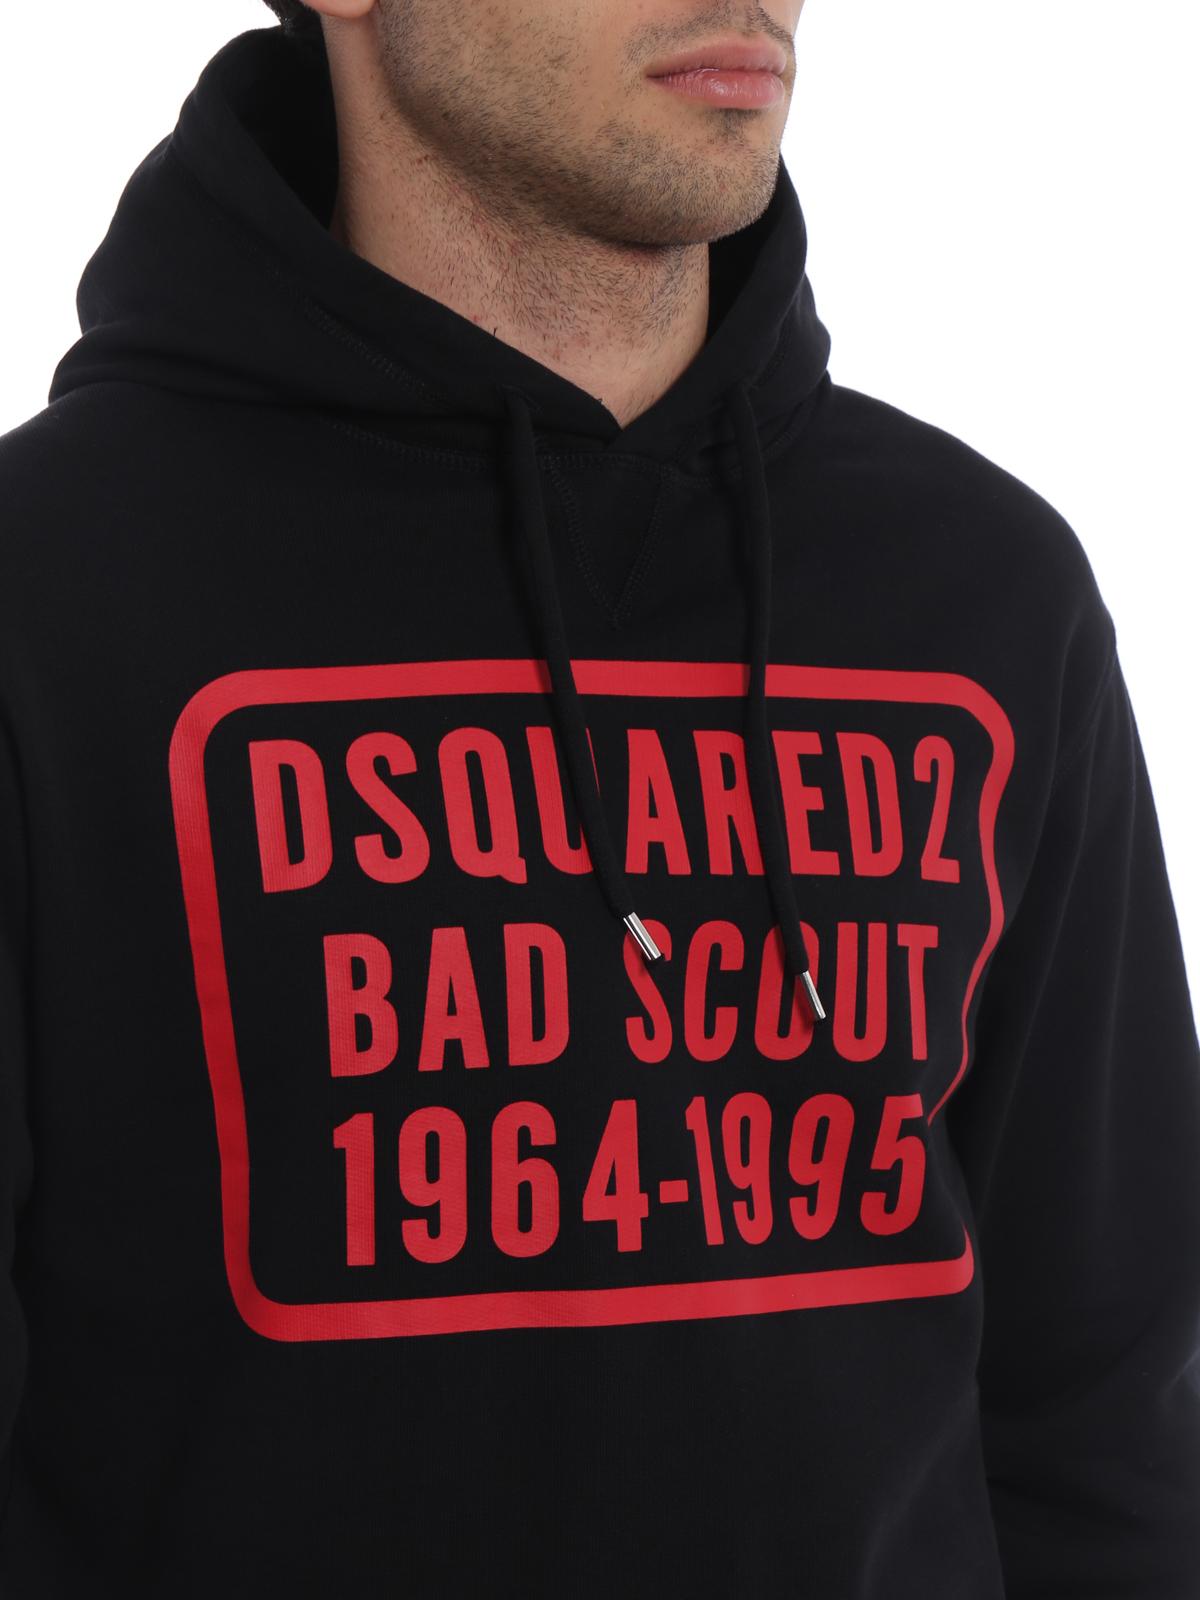 best website 92018 3c738 Dsquared2 - Felpa Bad Scout con cappuccio - Felpe e maglie ...